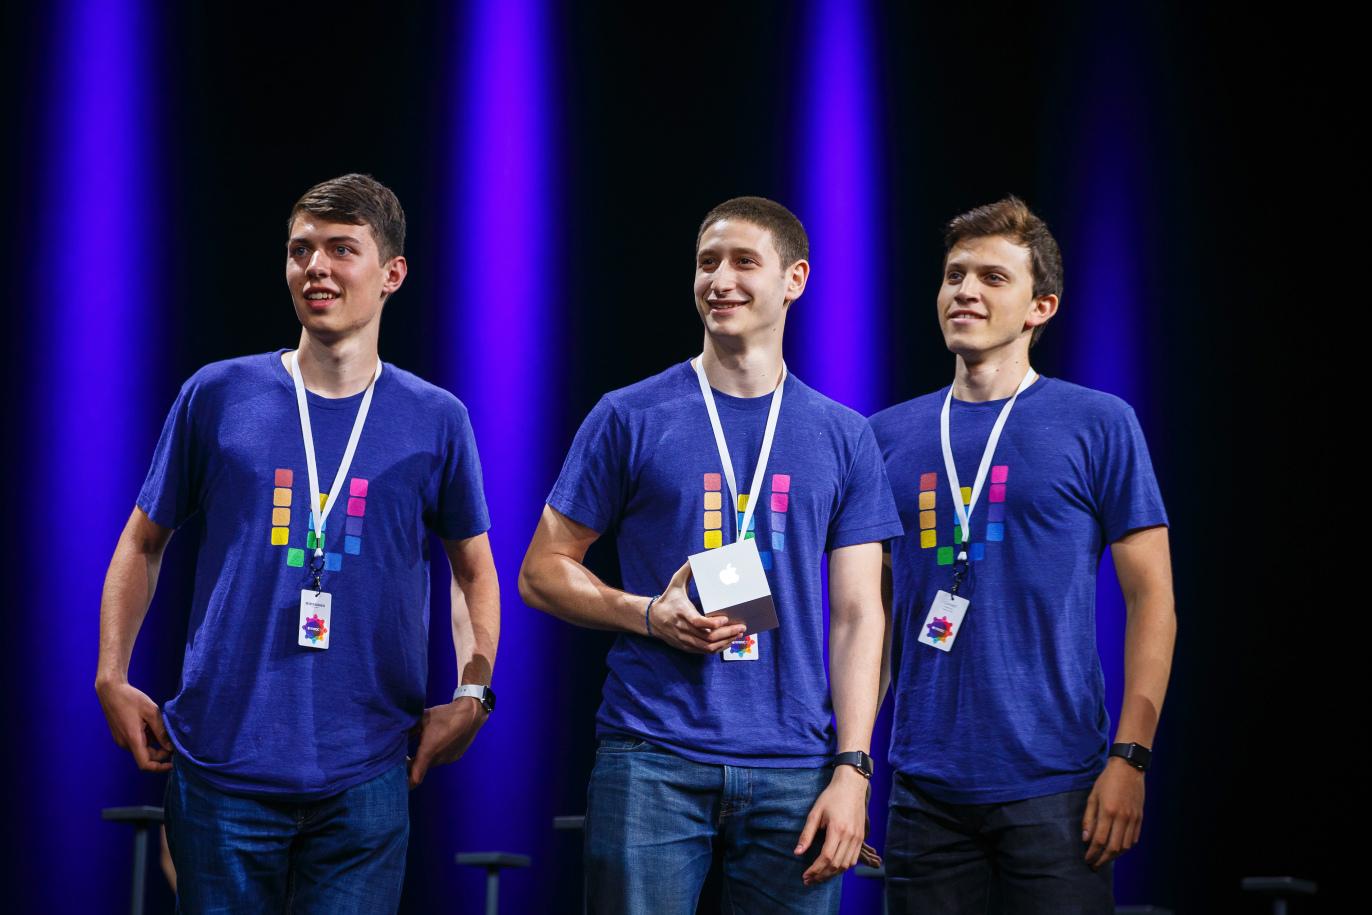 Left to right: Workflow creators Nick Frey, Ari Weinstein, and Conrad Kramer